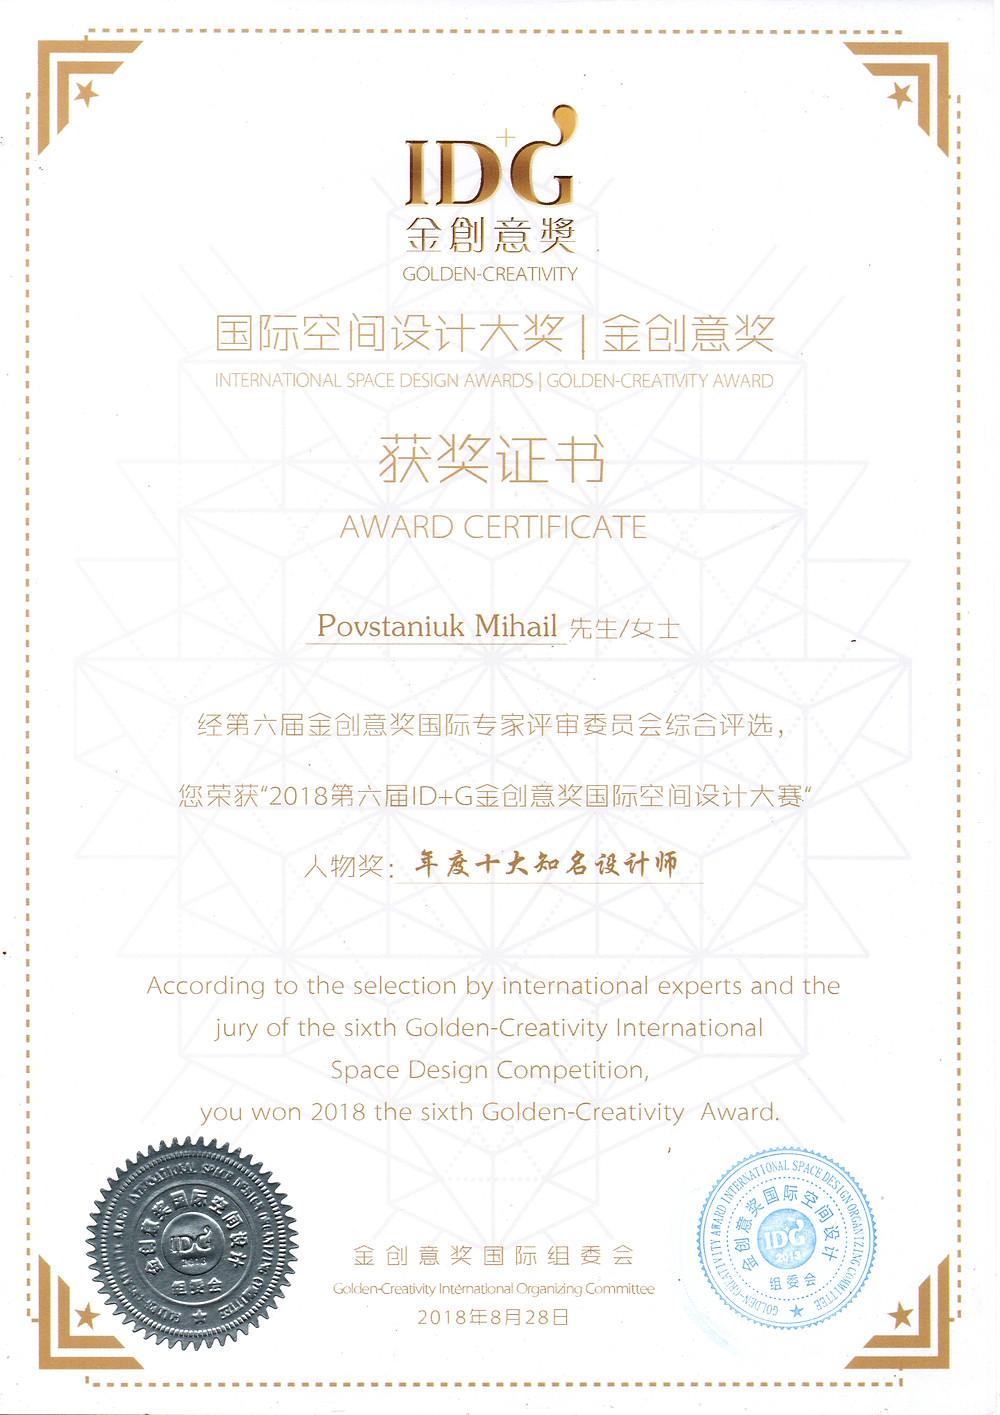 Михаил Повтанюк Международная Награда в области Архитектуры, Китай 2018